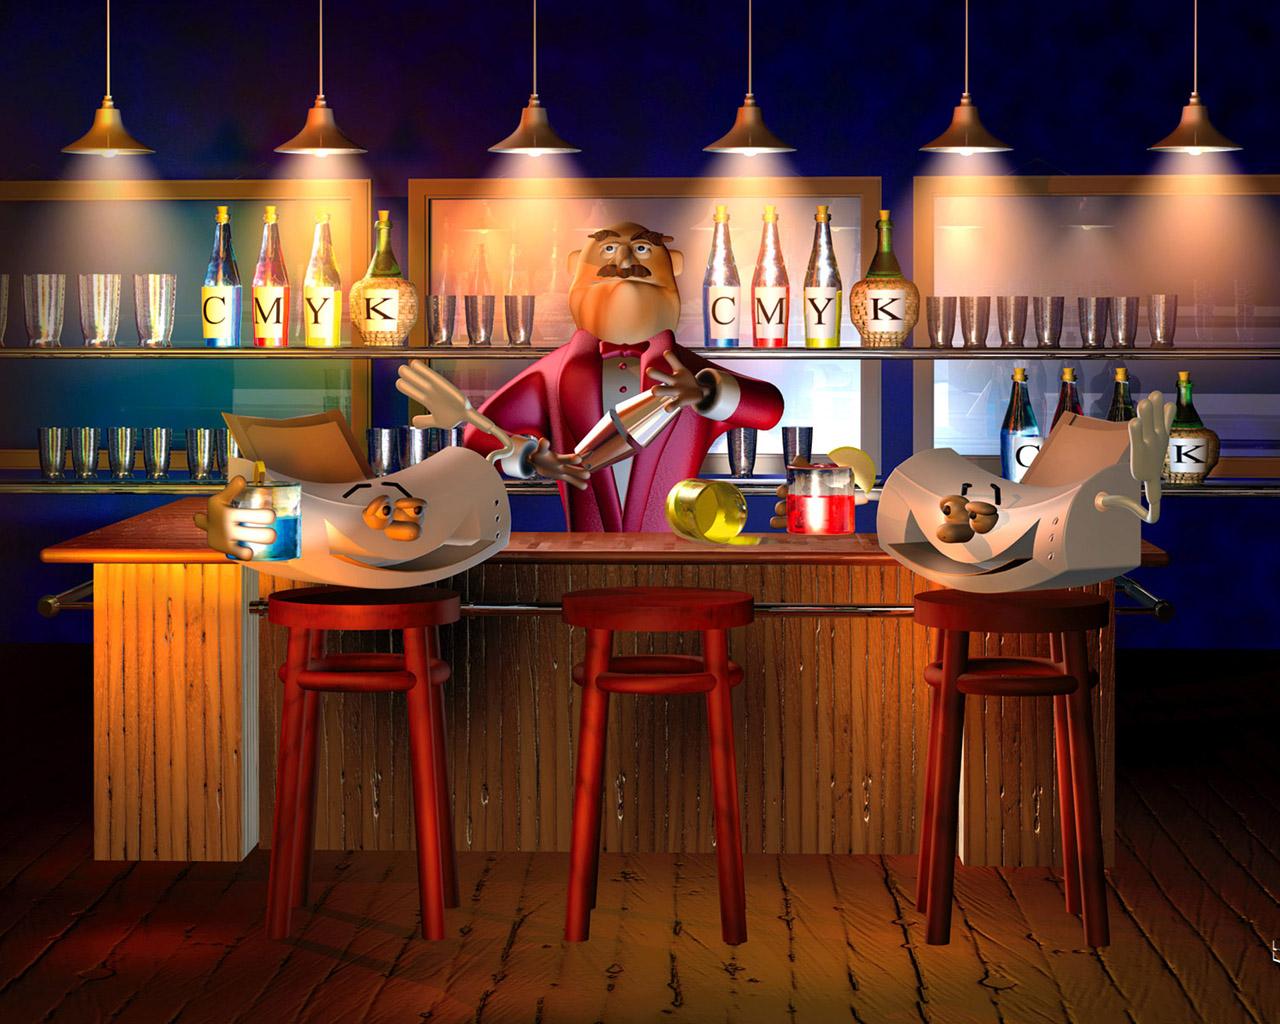 3D Bar Wallpaper Wallpapers   HD Wallpapers 78437 1280x1024